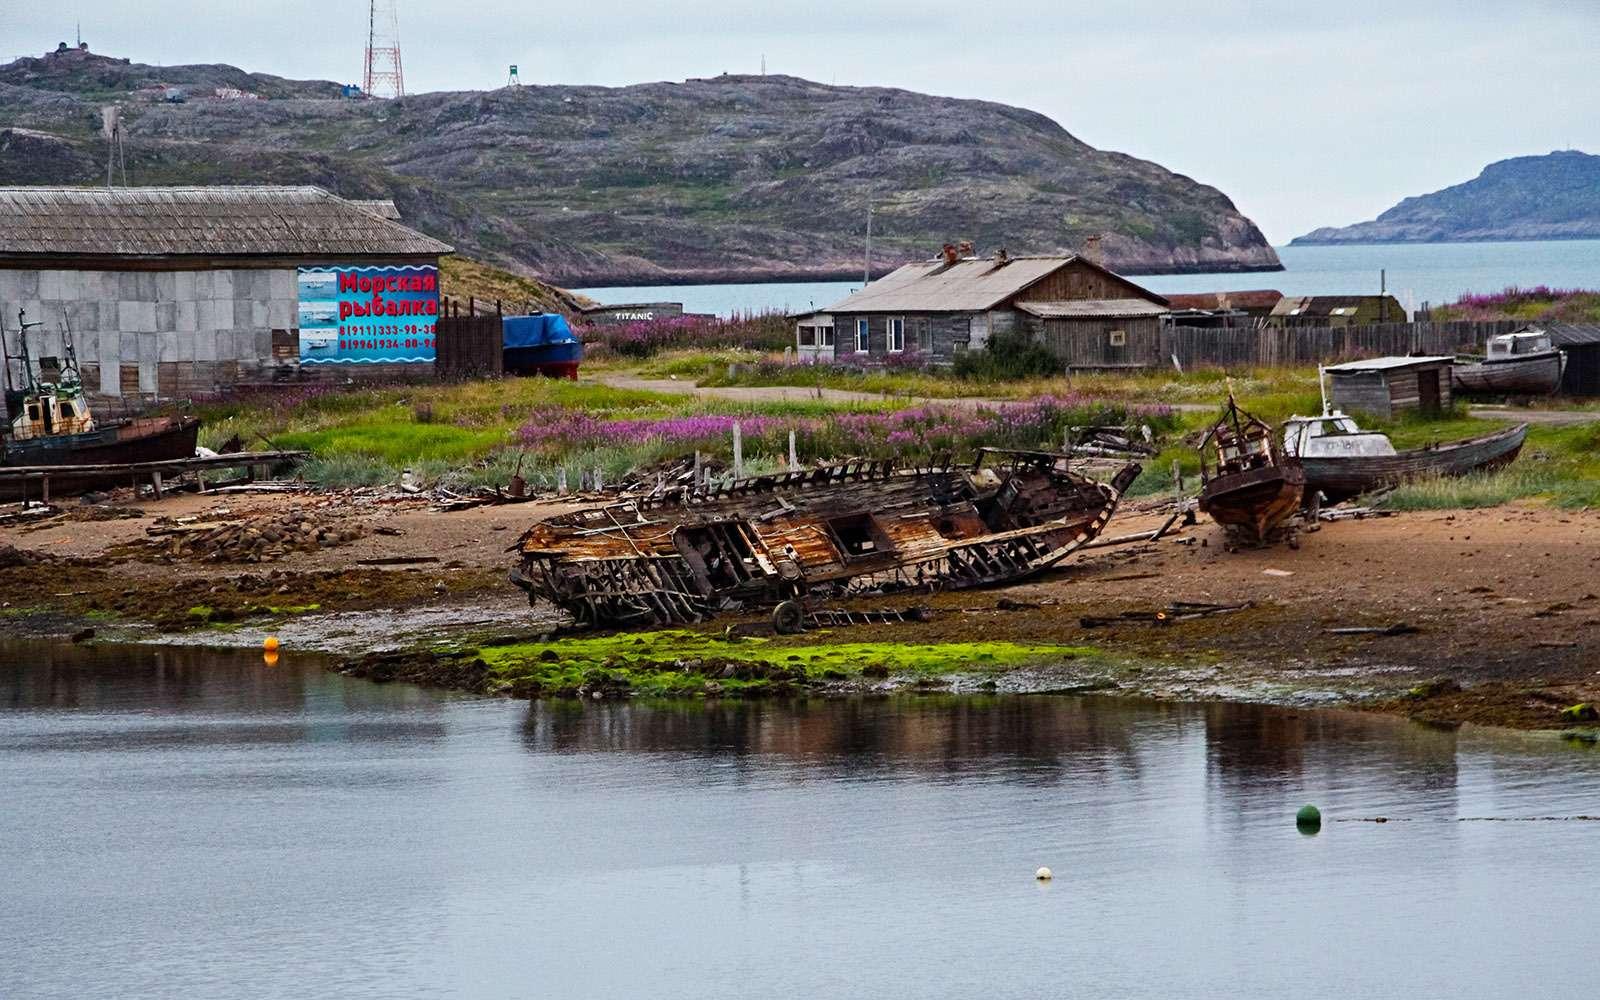 Накроссоверах Ford поКольскому полуострову: парк ледникового периода— фото 657935